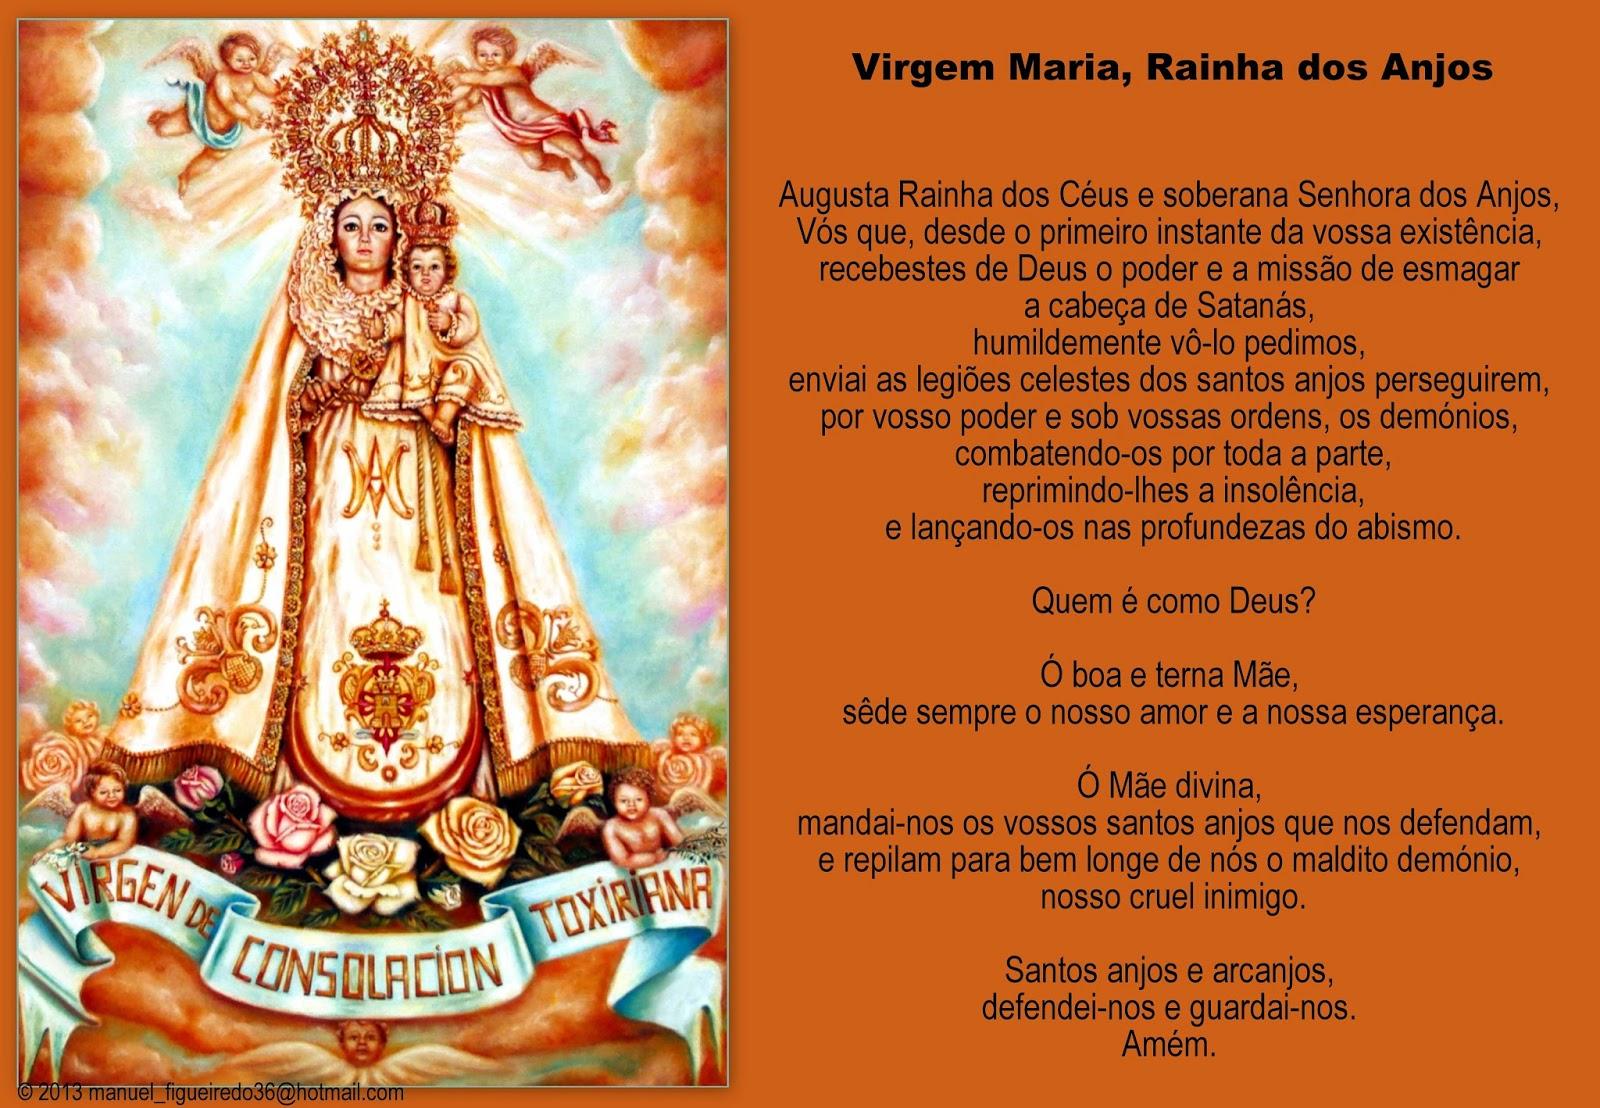 O Mundo Inteiro Espera A Resposta De Maria: ORAÇÕES TRADICIONAIS: VIRGEM MARIA